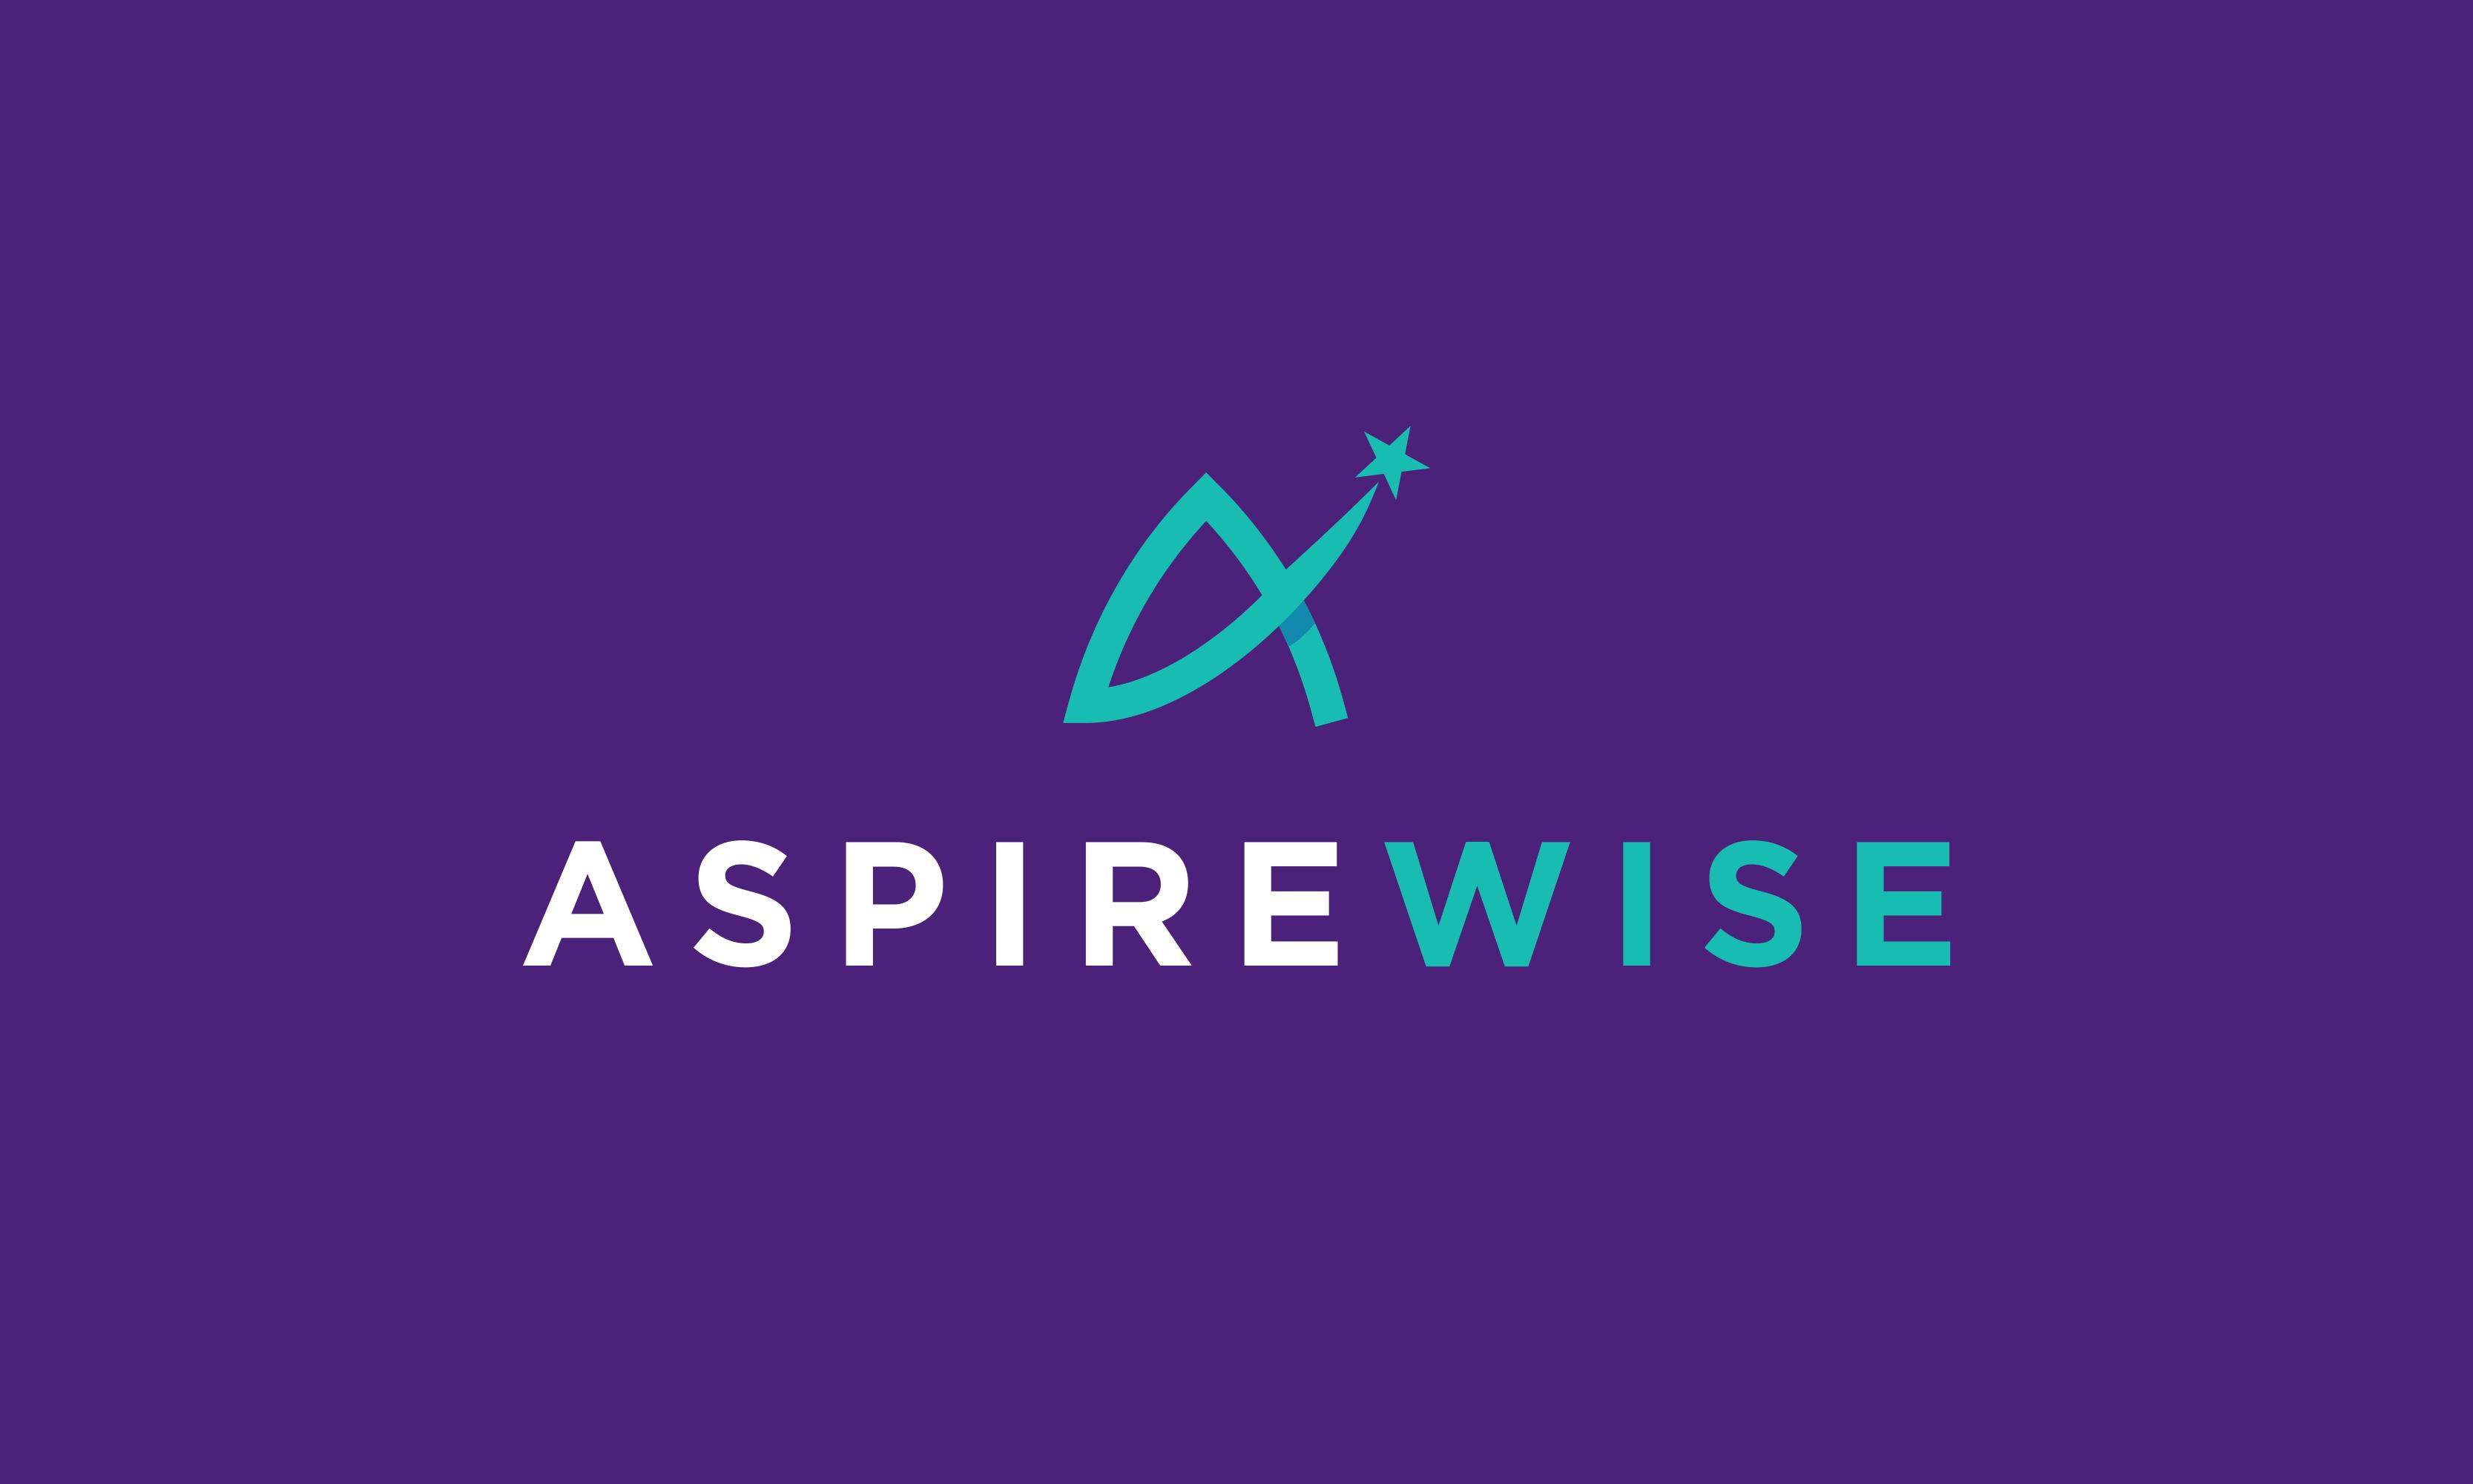 Aspirewise